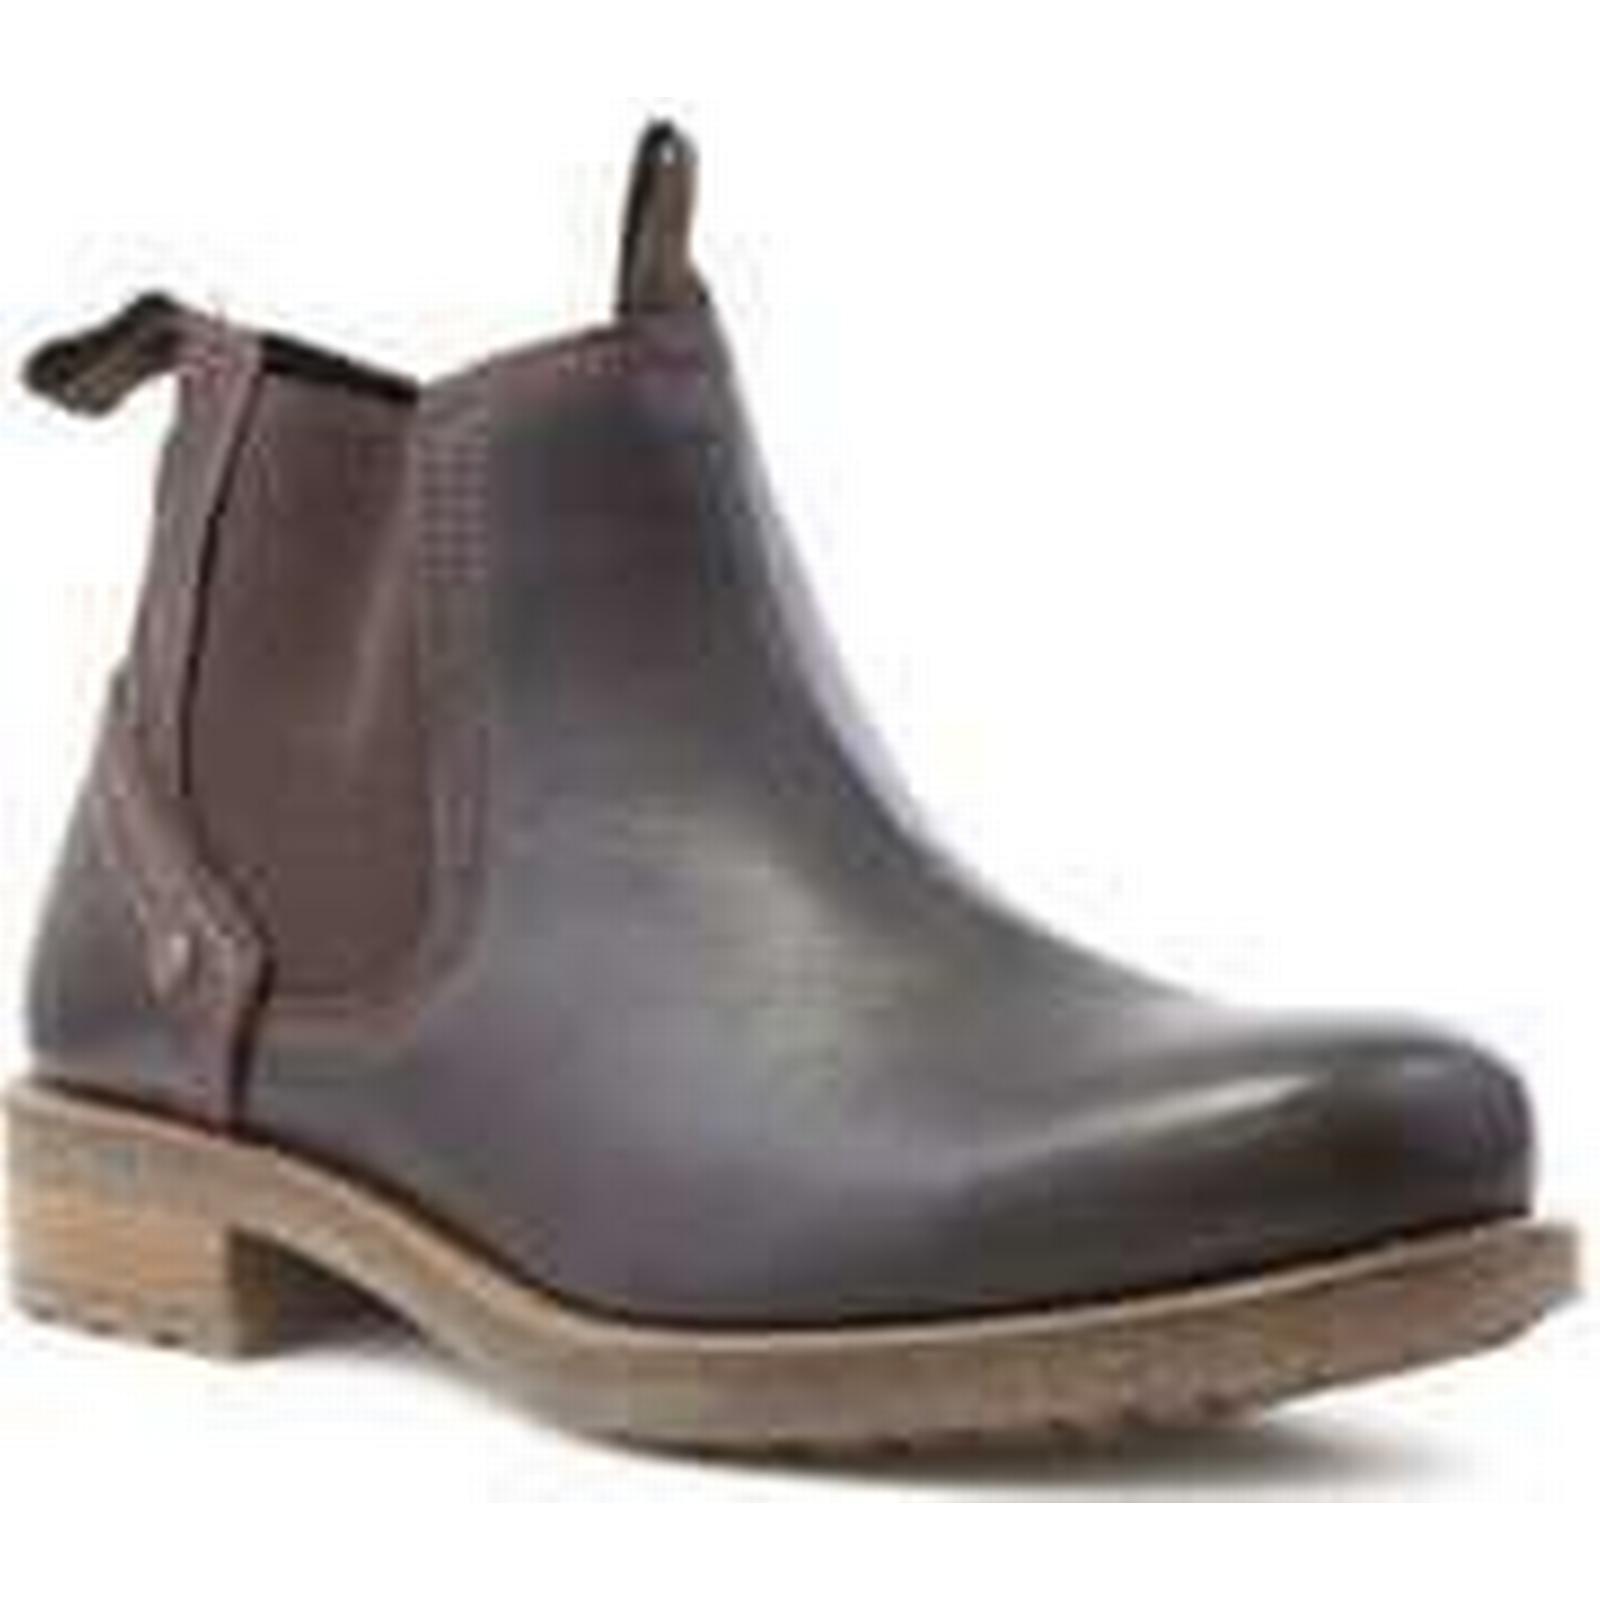 Wrangler Mens Mens Wrangler Brown Leather Chelsea Boot 822395